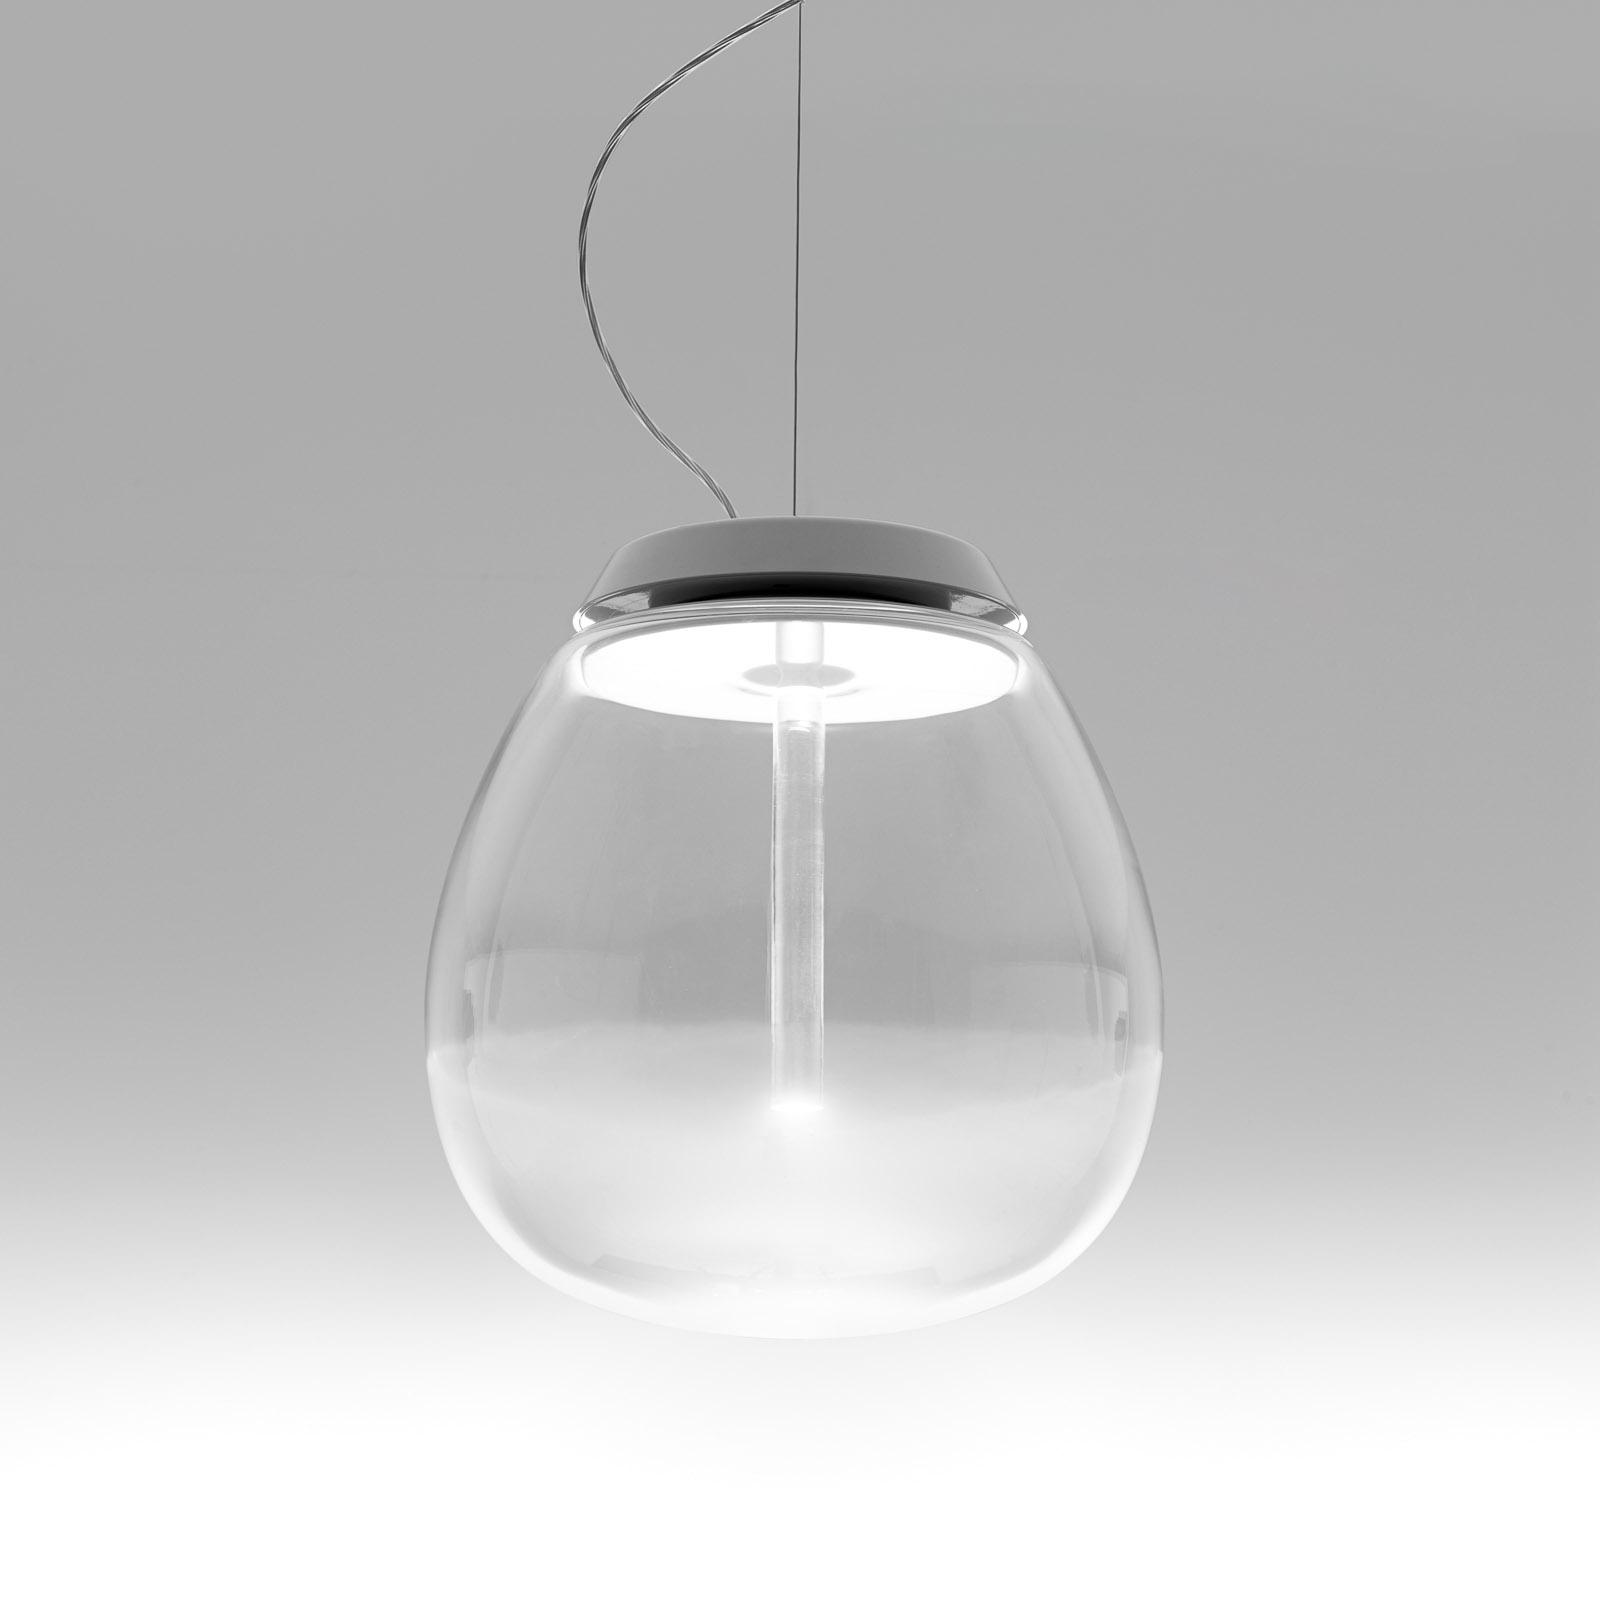 Artemide Empatia LED-hængelampe, Ø 16 cm